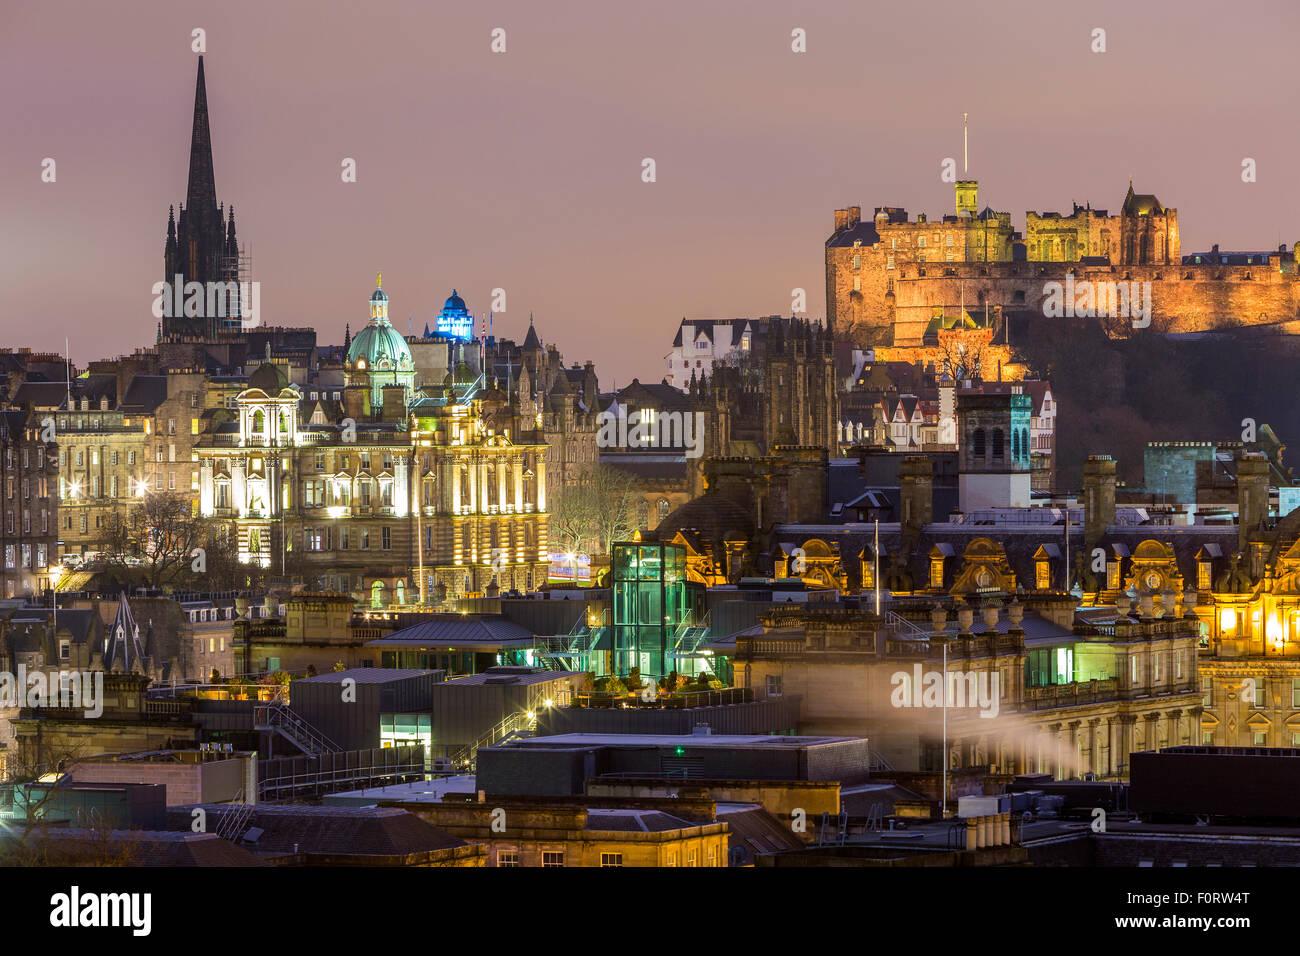 Une vue de Calton Hill sur Édimbourg, City of Edinburgh, Ecosse, Royaume-Uni, Europe. Photo Stock